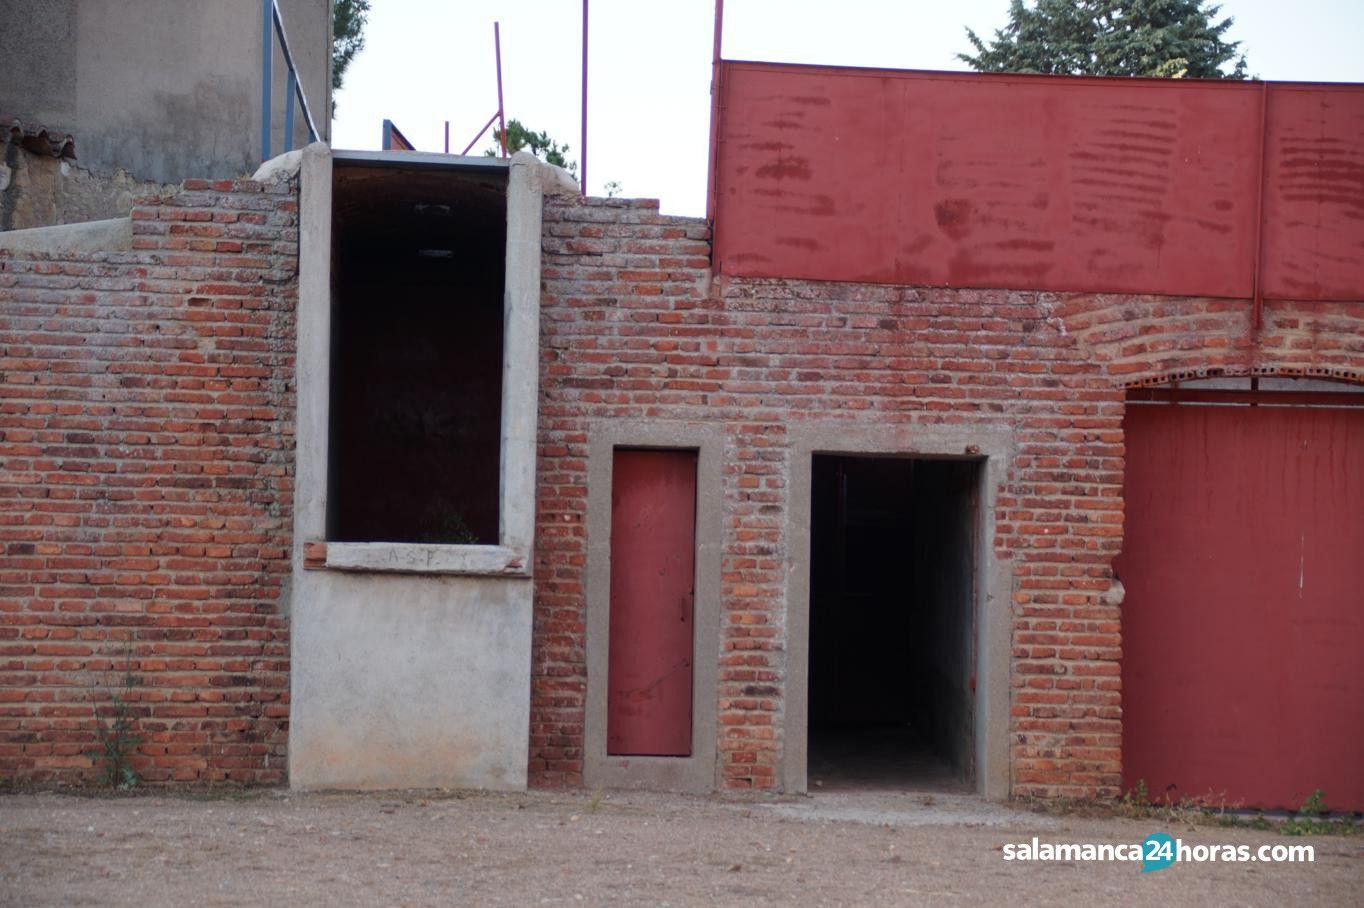 La Glorieta Plazas y Patios (60)